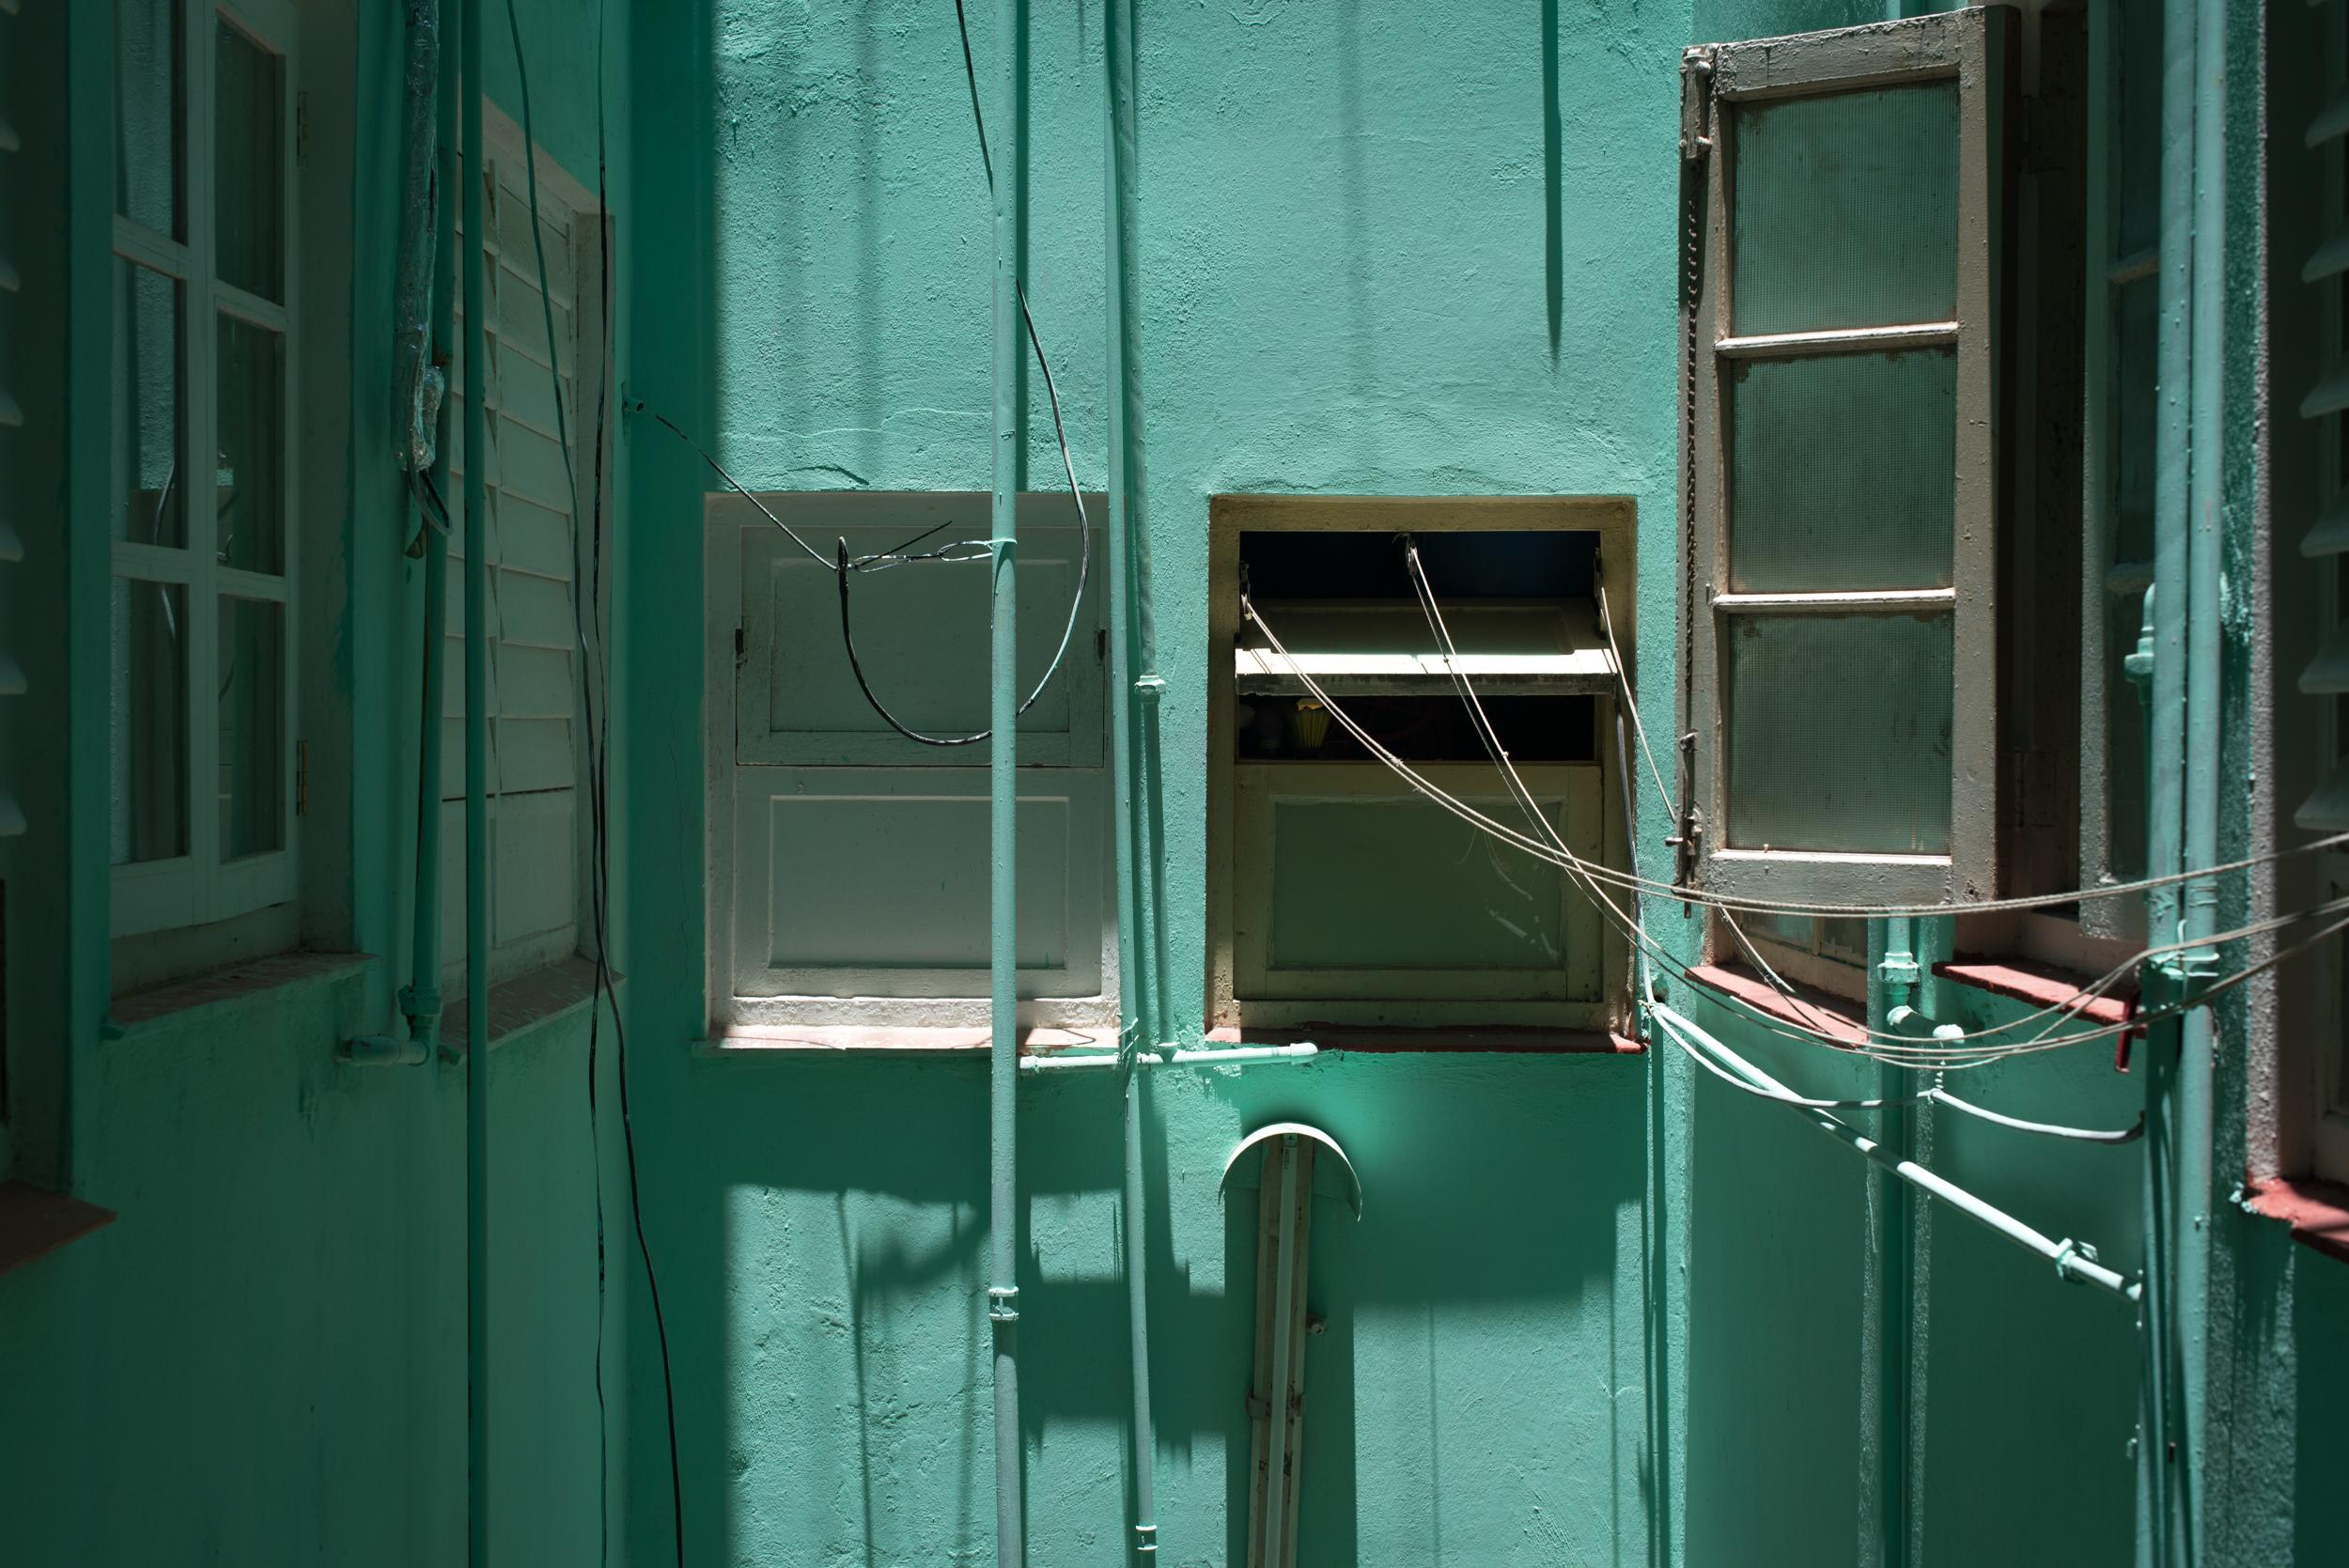 Cuba_001.jpg